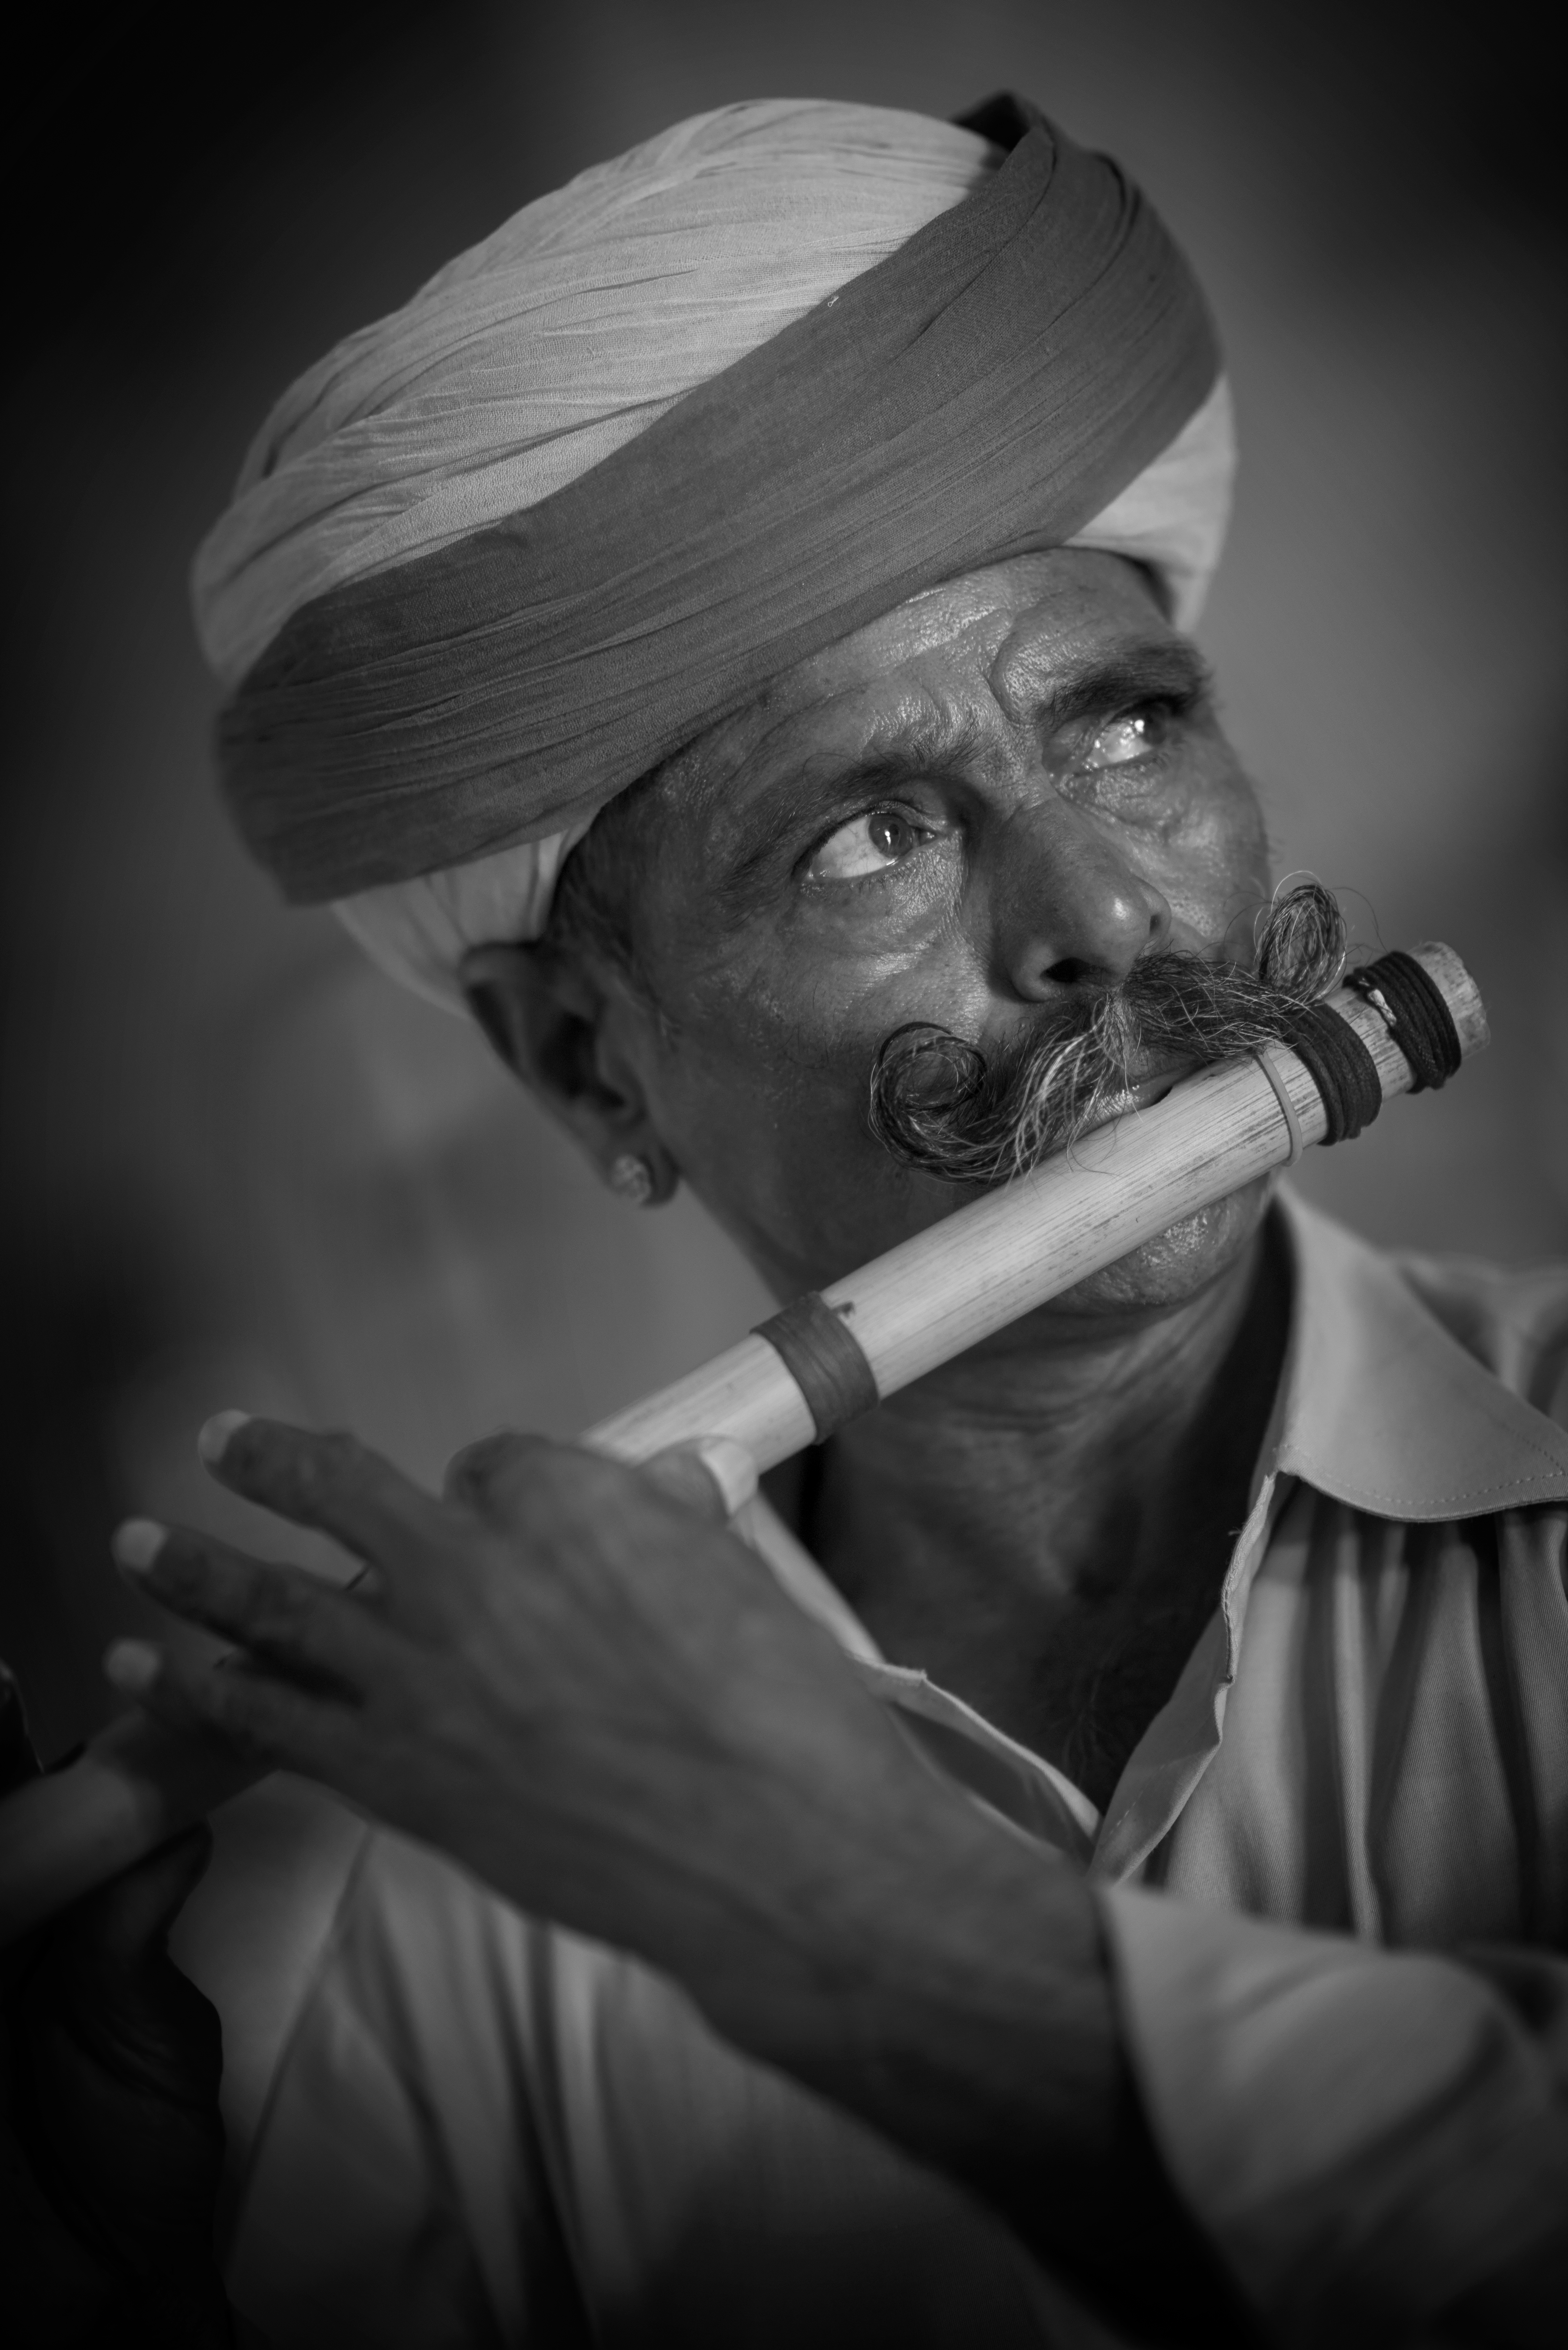 Suonatore di flauto 1